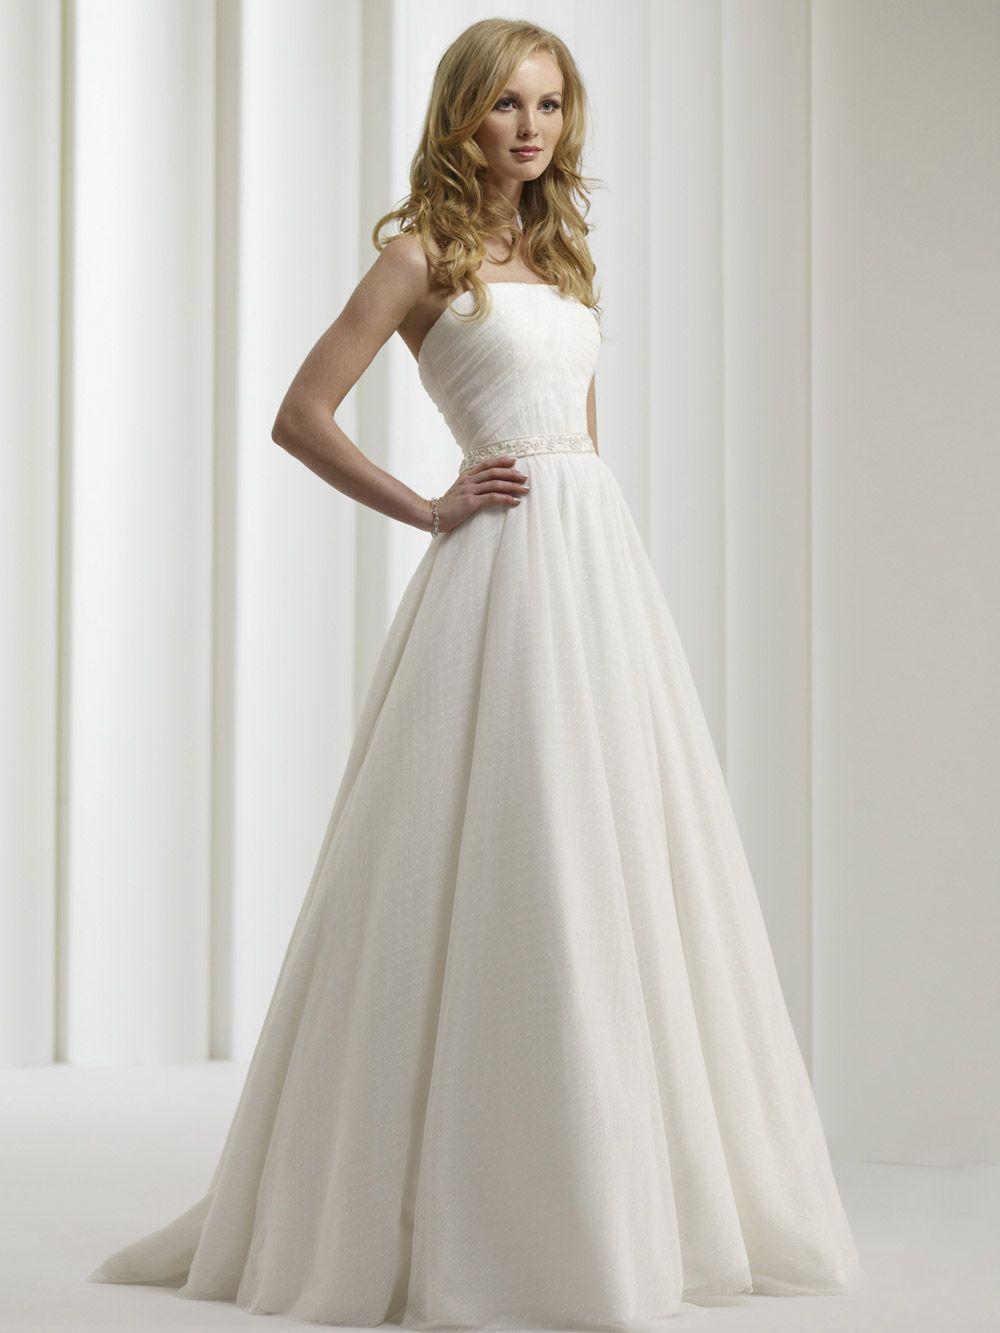 Michelle gown by robert bullock bride swiss dot net strapless ball